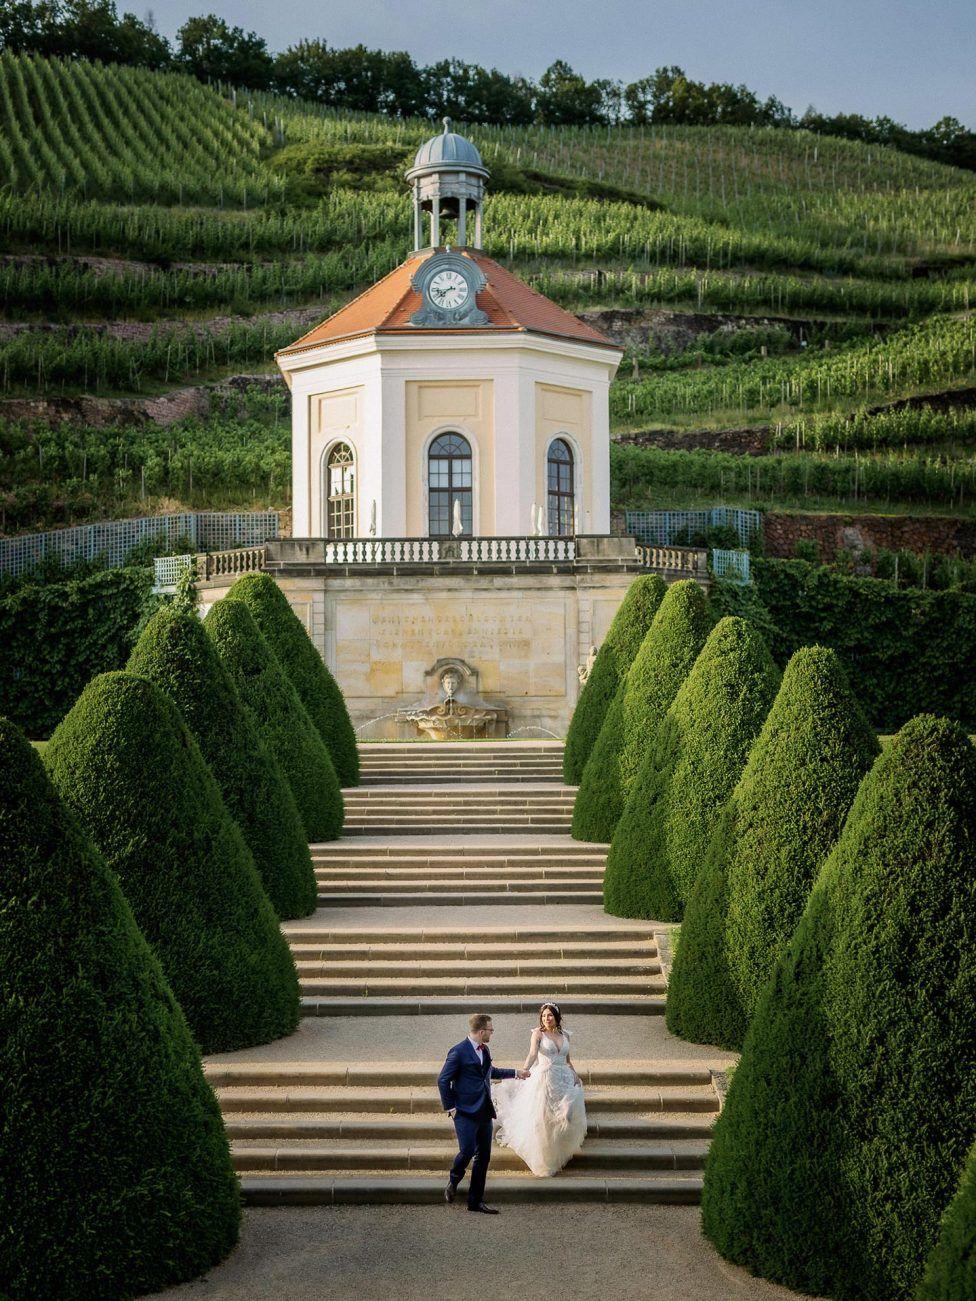 Schloss Wackerbarth Hochzeit Fur Alle Sinne Hochzeitswahn Sei Inspiriert In 2020 Hochzeitlocations Hochzeit Hochzeitswahn